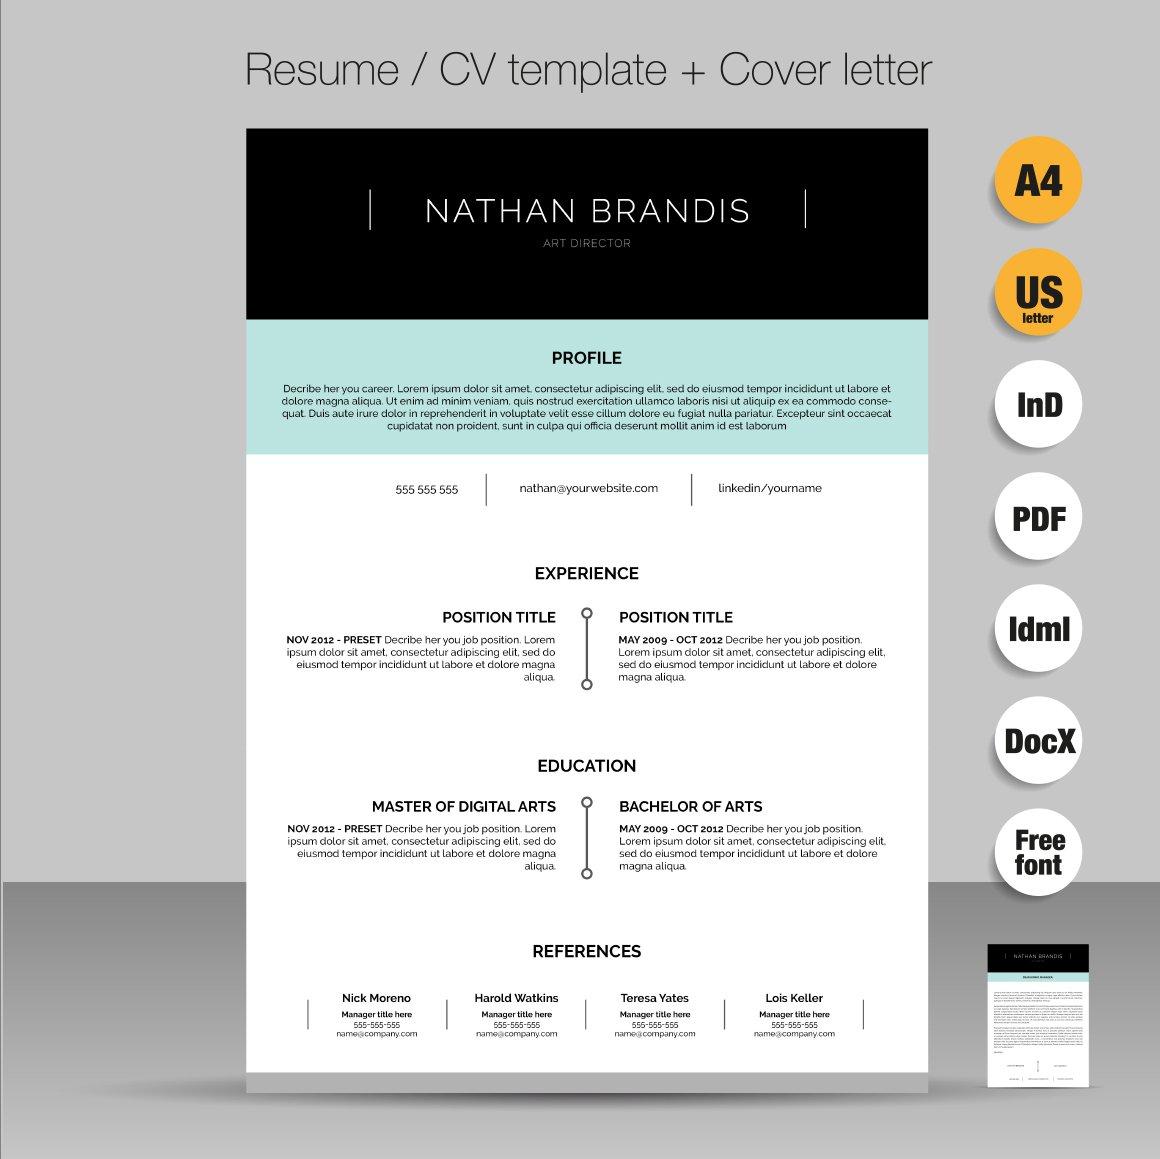 resume template cover letter template the jane walker resume pinterest writing - Sample Cover Letter For Job Resume